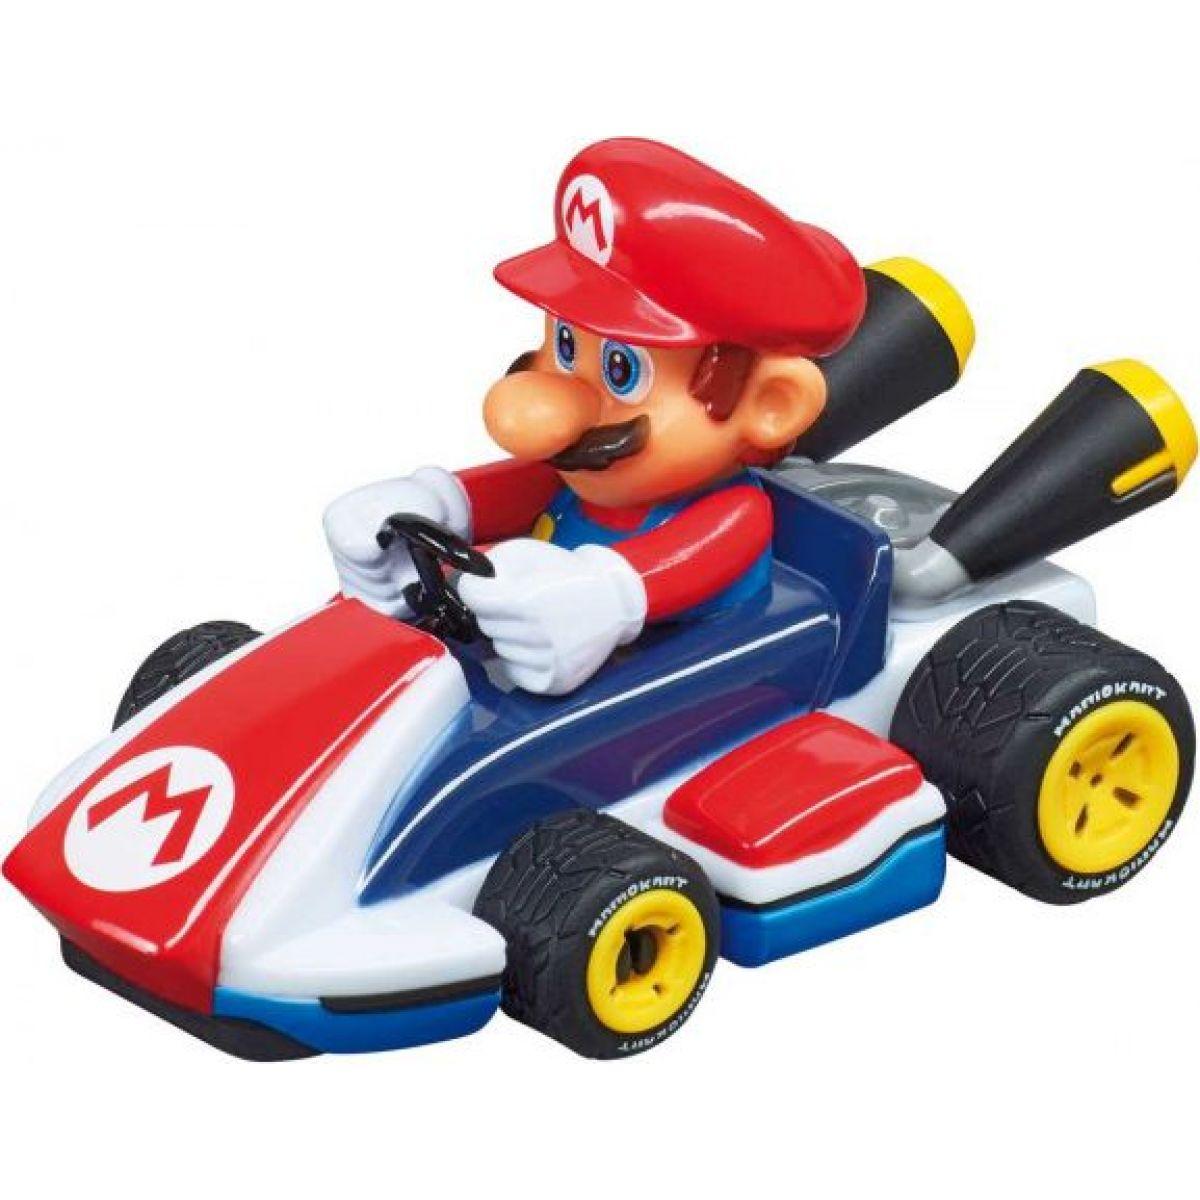 Auto First 65002 Nintendo Mario